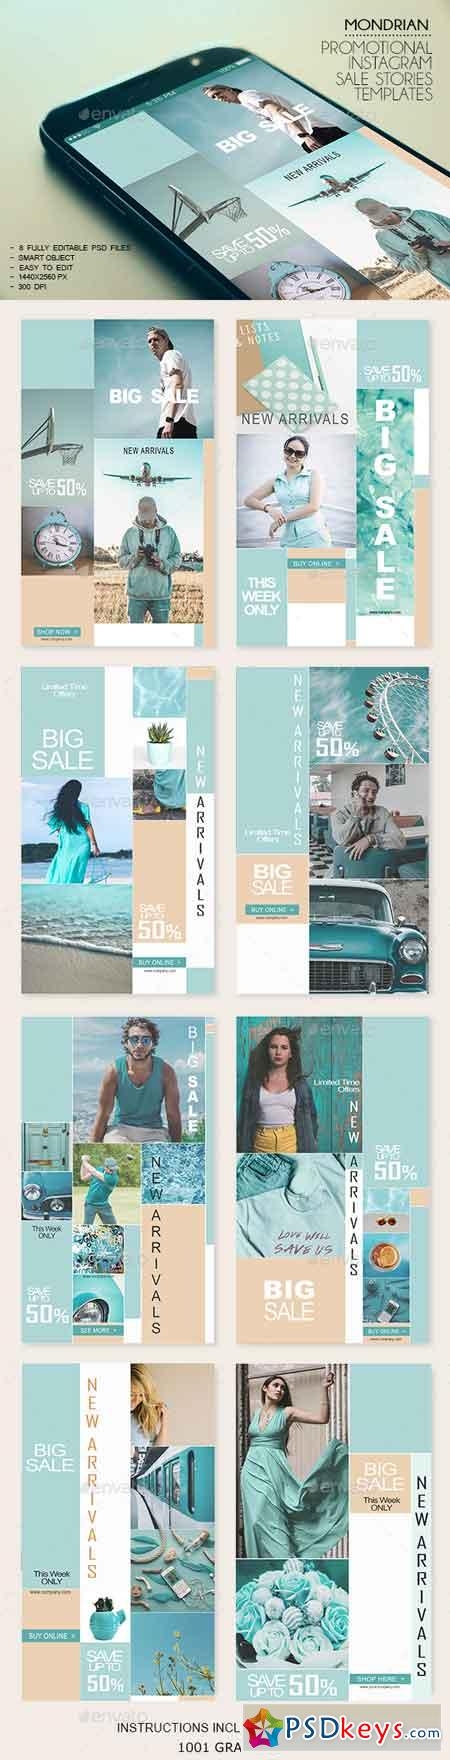 8 Mondrian Insta-Stories Sale PSD Templates 23116580